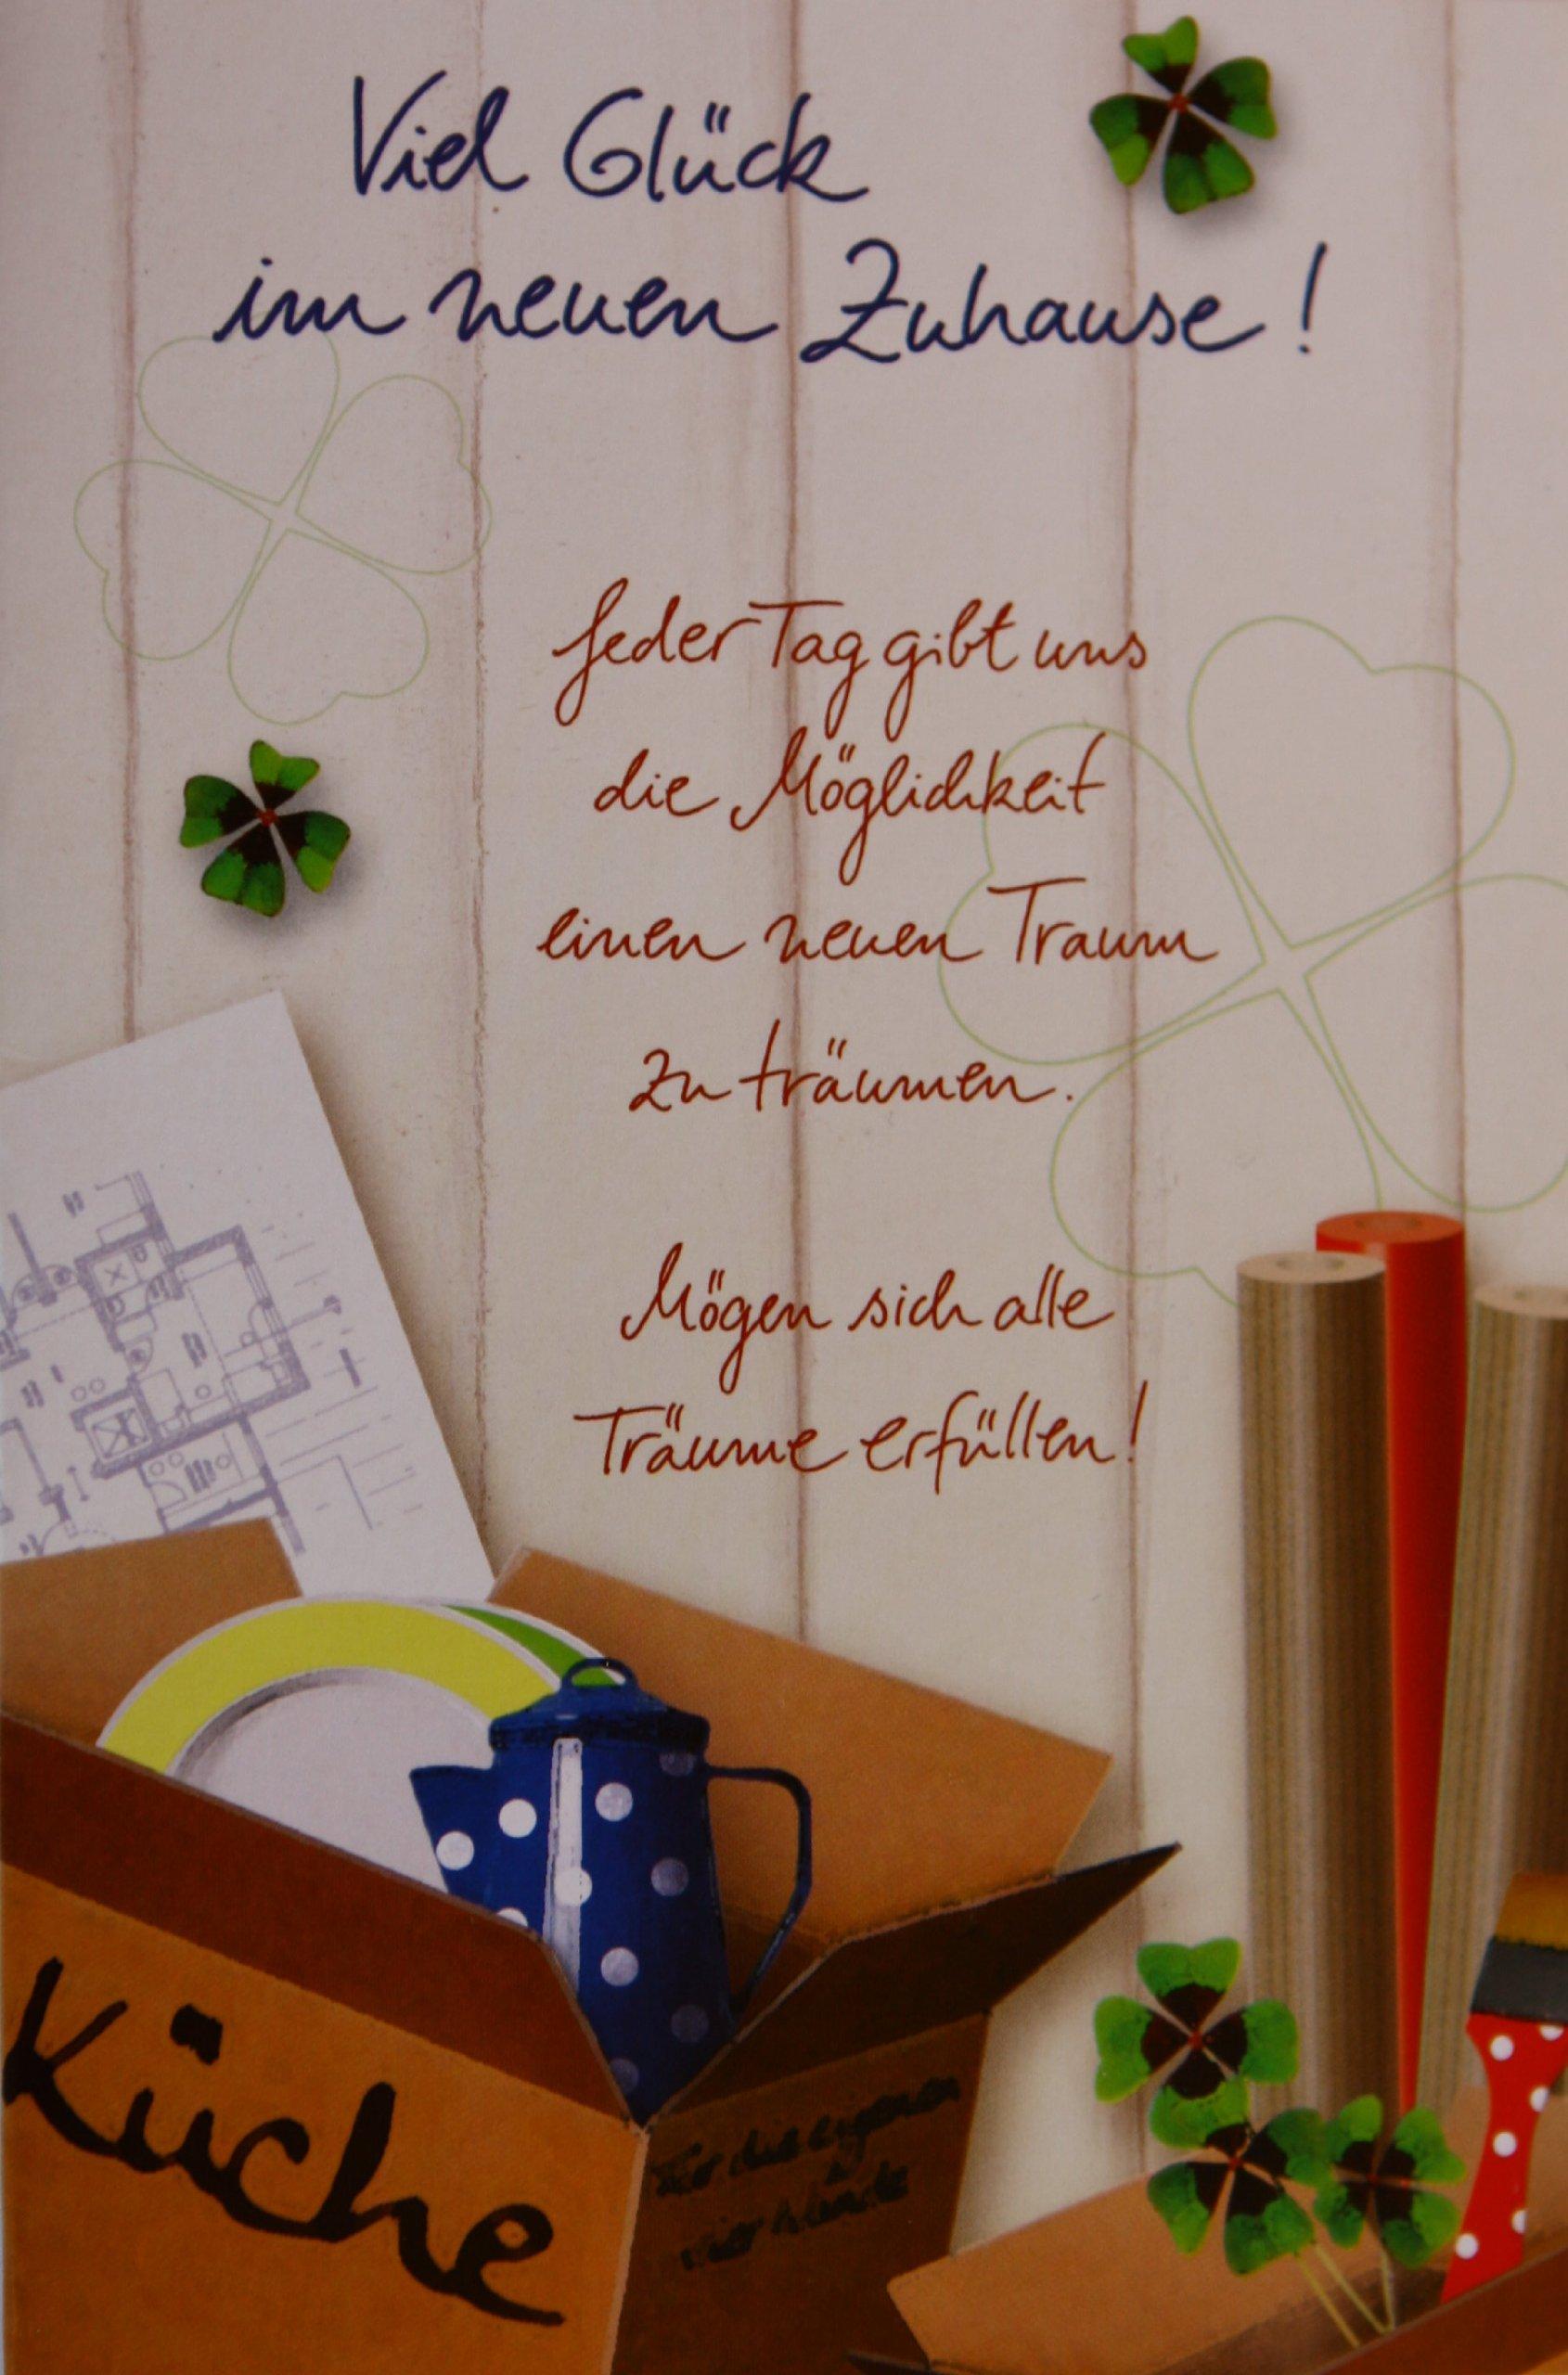 geschenk umzug neues haus frohe weihnachten in europa. Black Bedroom Furniture Sets. Home Design Ideas